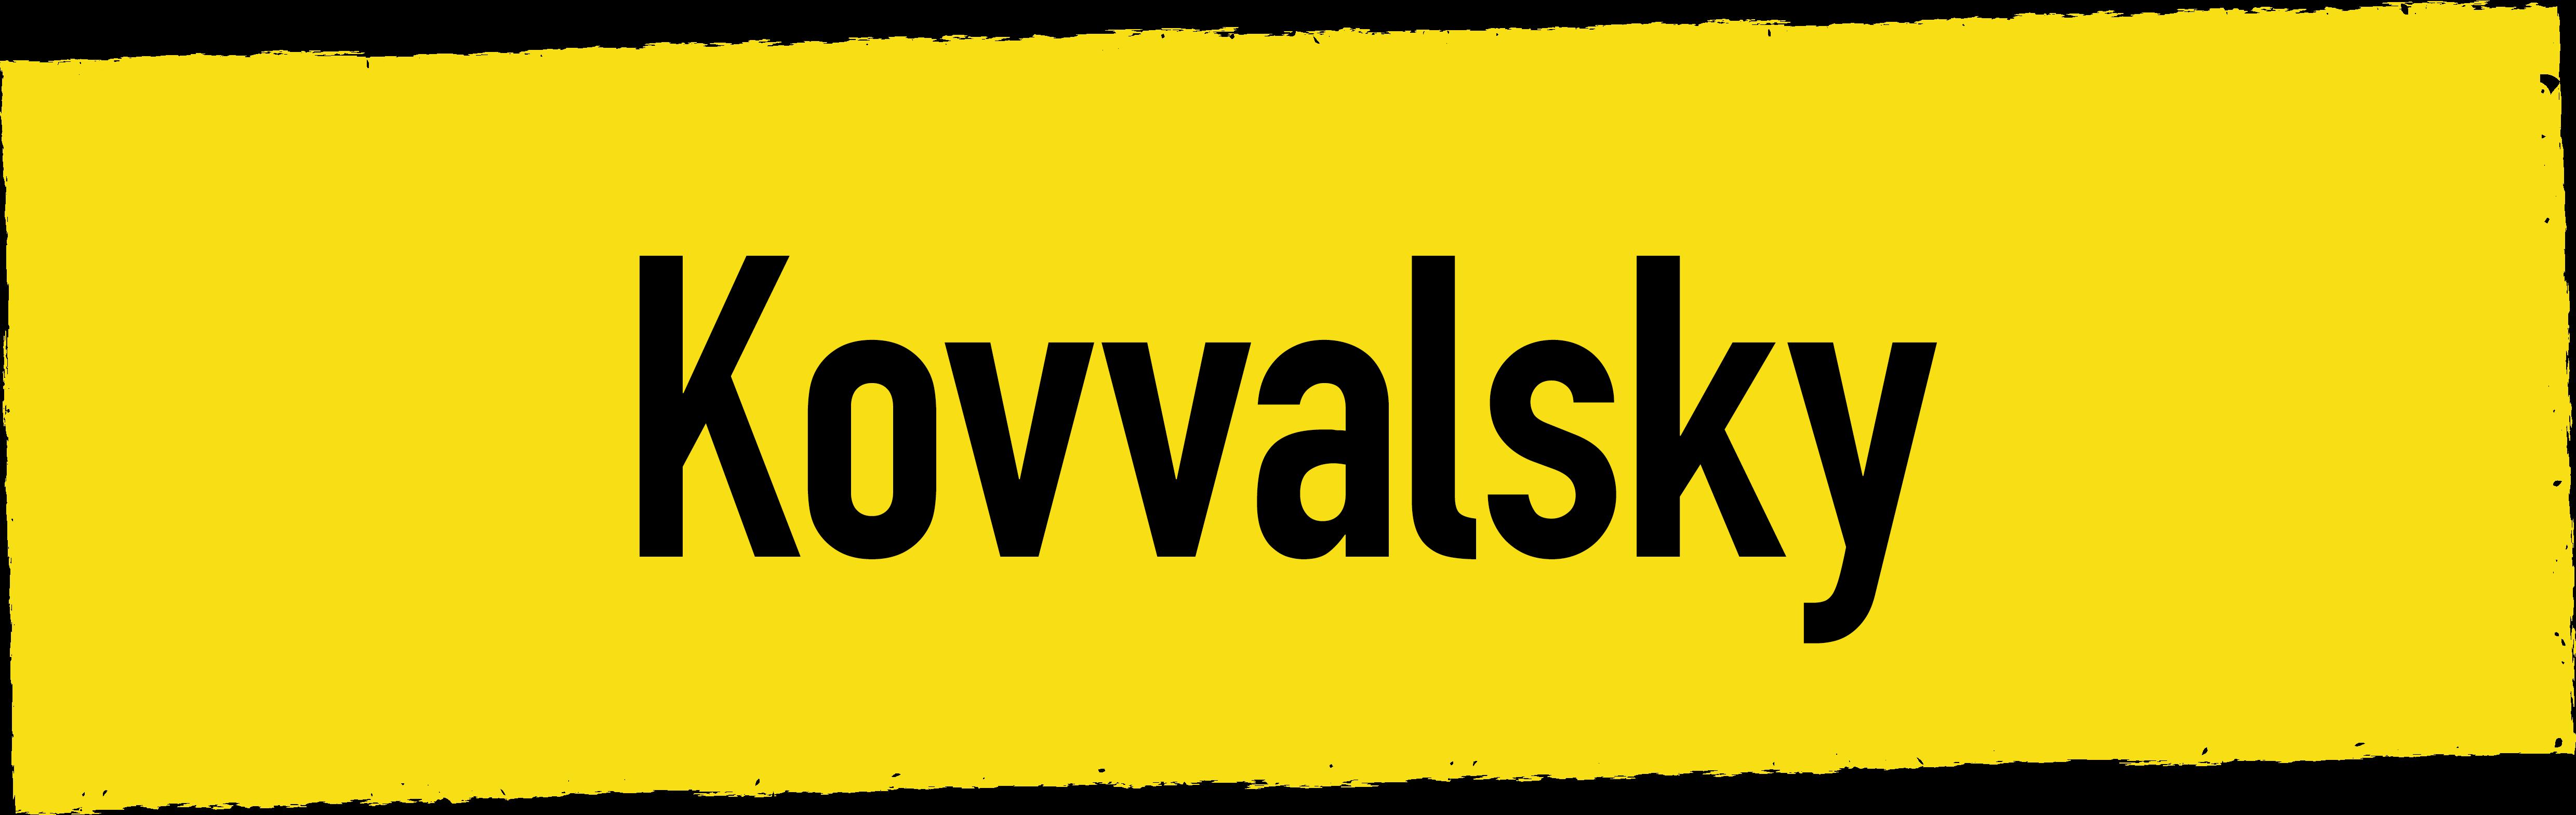 KOVVALSKY